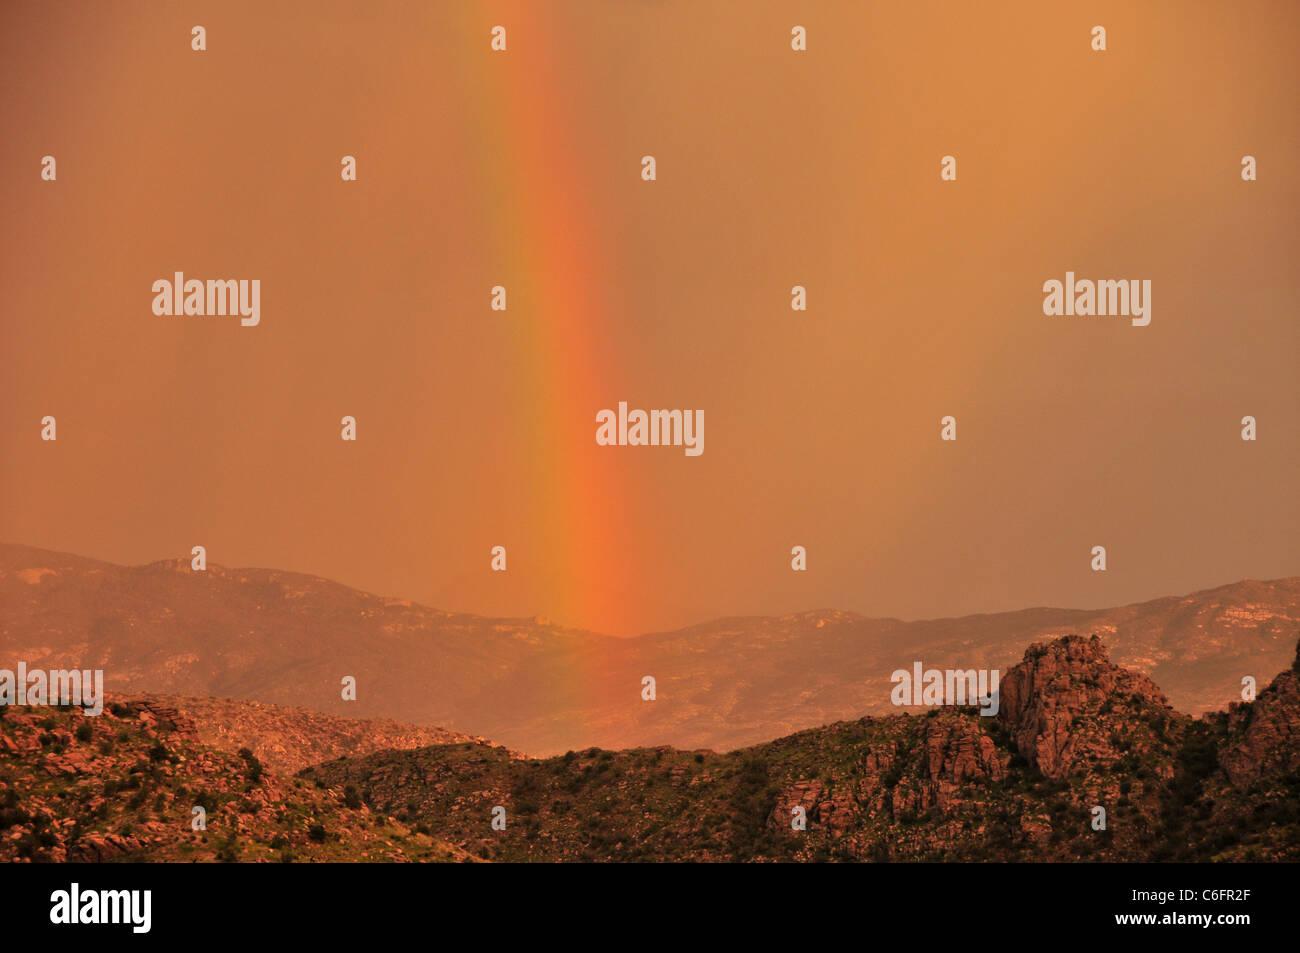 Un arc-en-ciel au coucher du soleil au cours d'une tempête de mousson dans les montagnes Santa Catalina, Coronado National Forest, Tucson, Arizona, USA. Banque D'Images